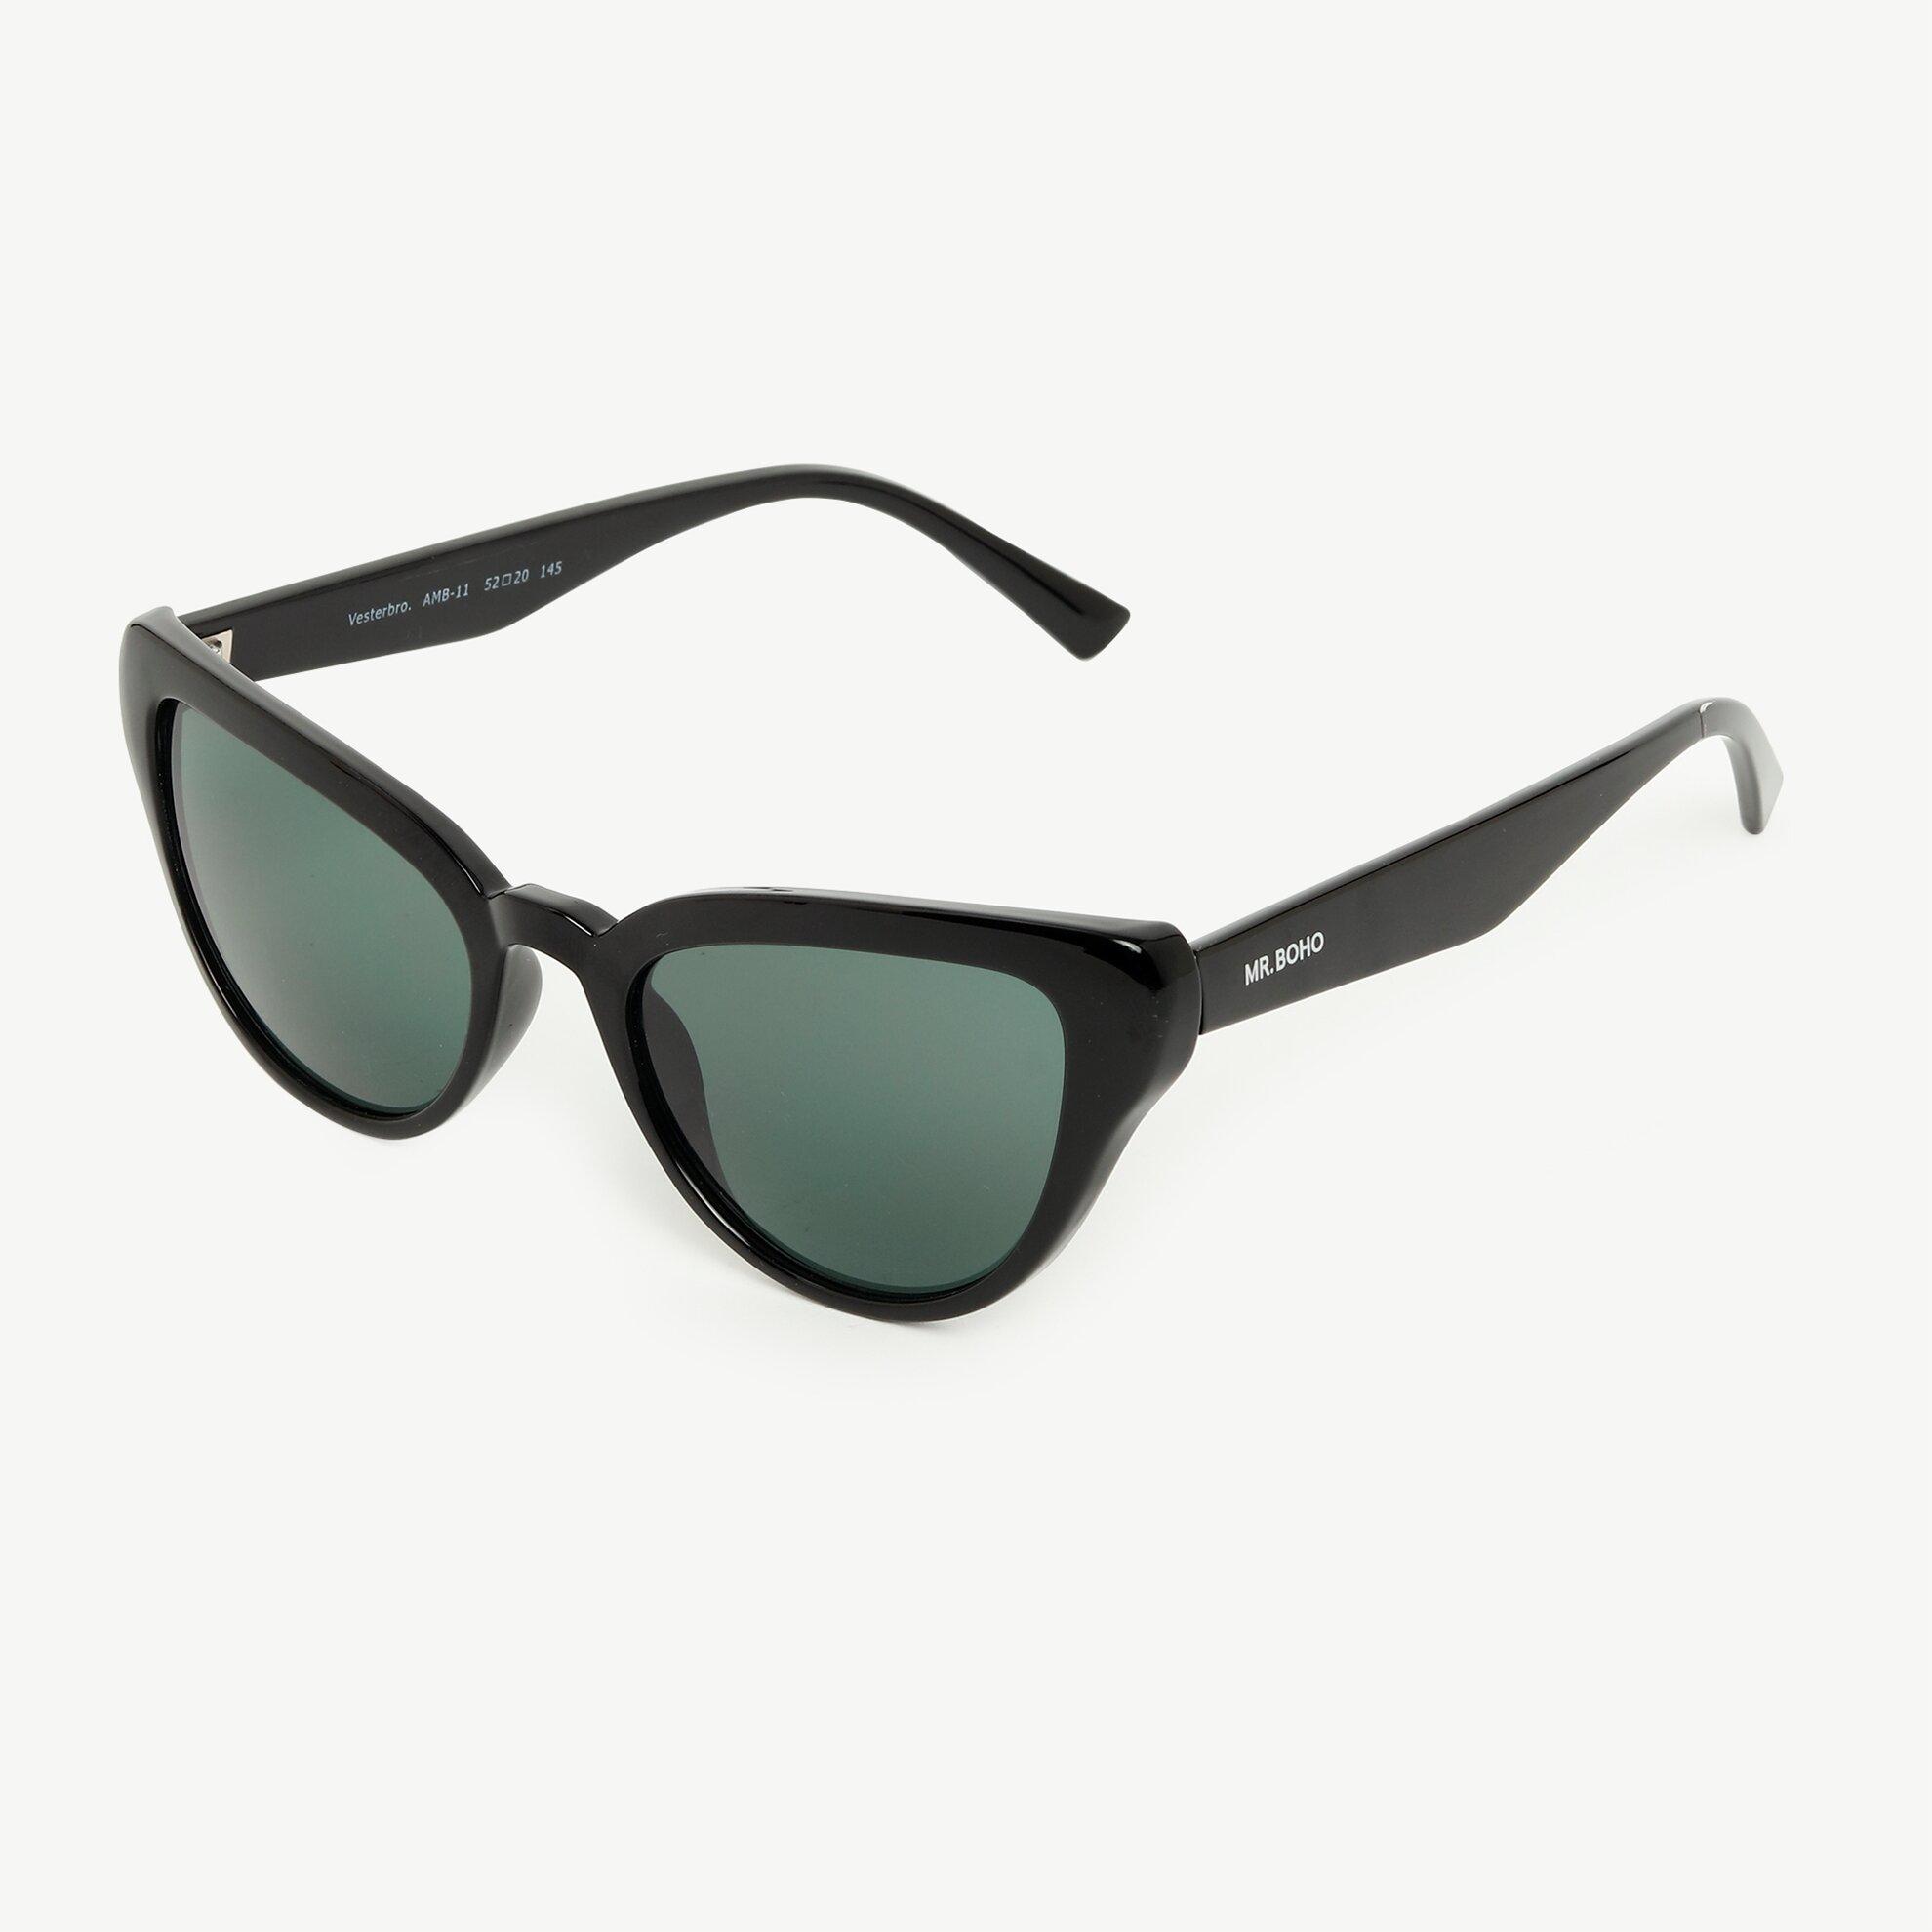 Mr.Boho Cat Eye Güneş Gözlüğü